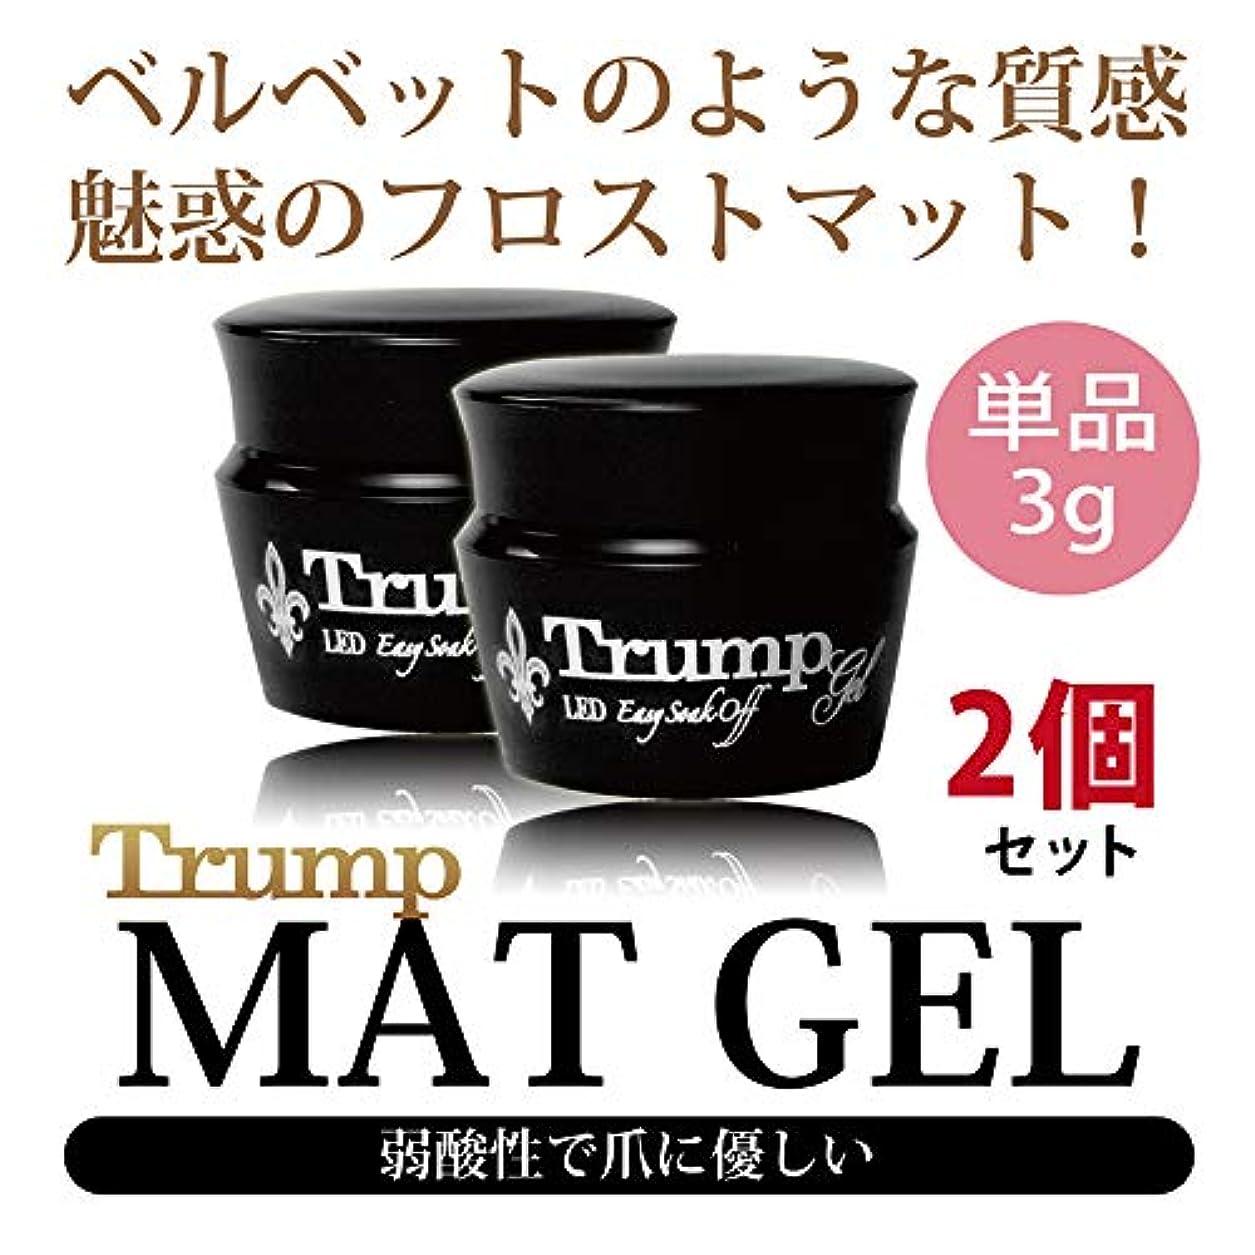 伝染性低下封筒Trump gel マットトップジェル 3g 2個セット